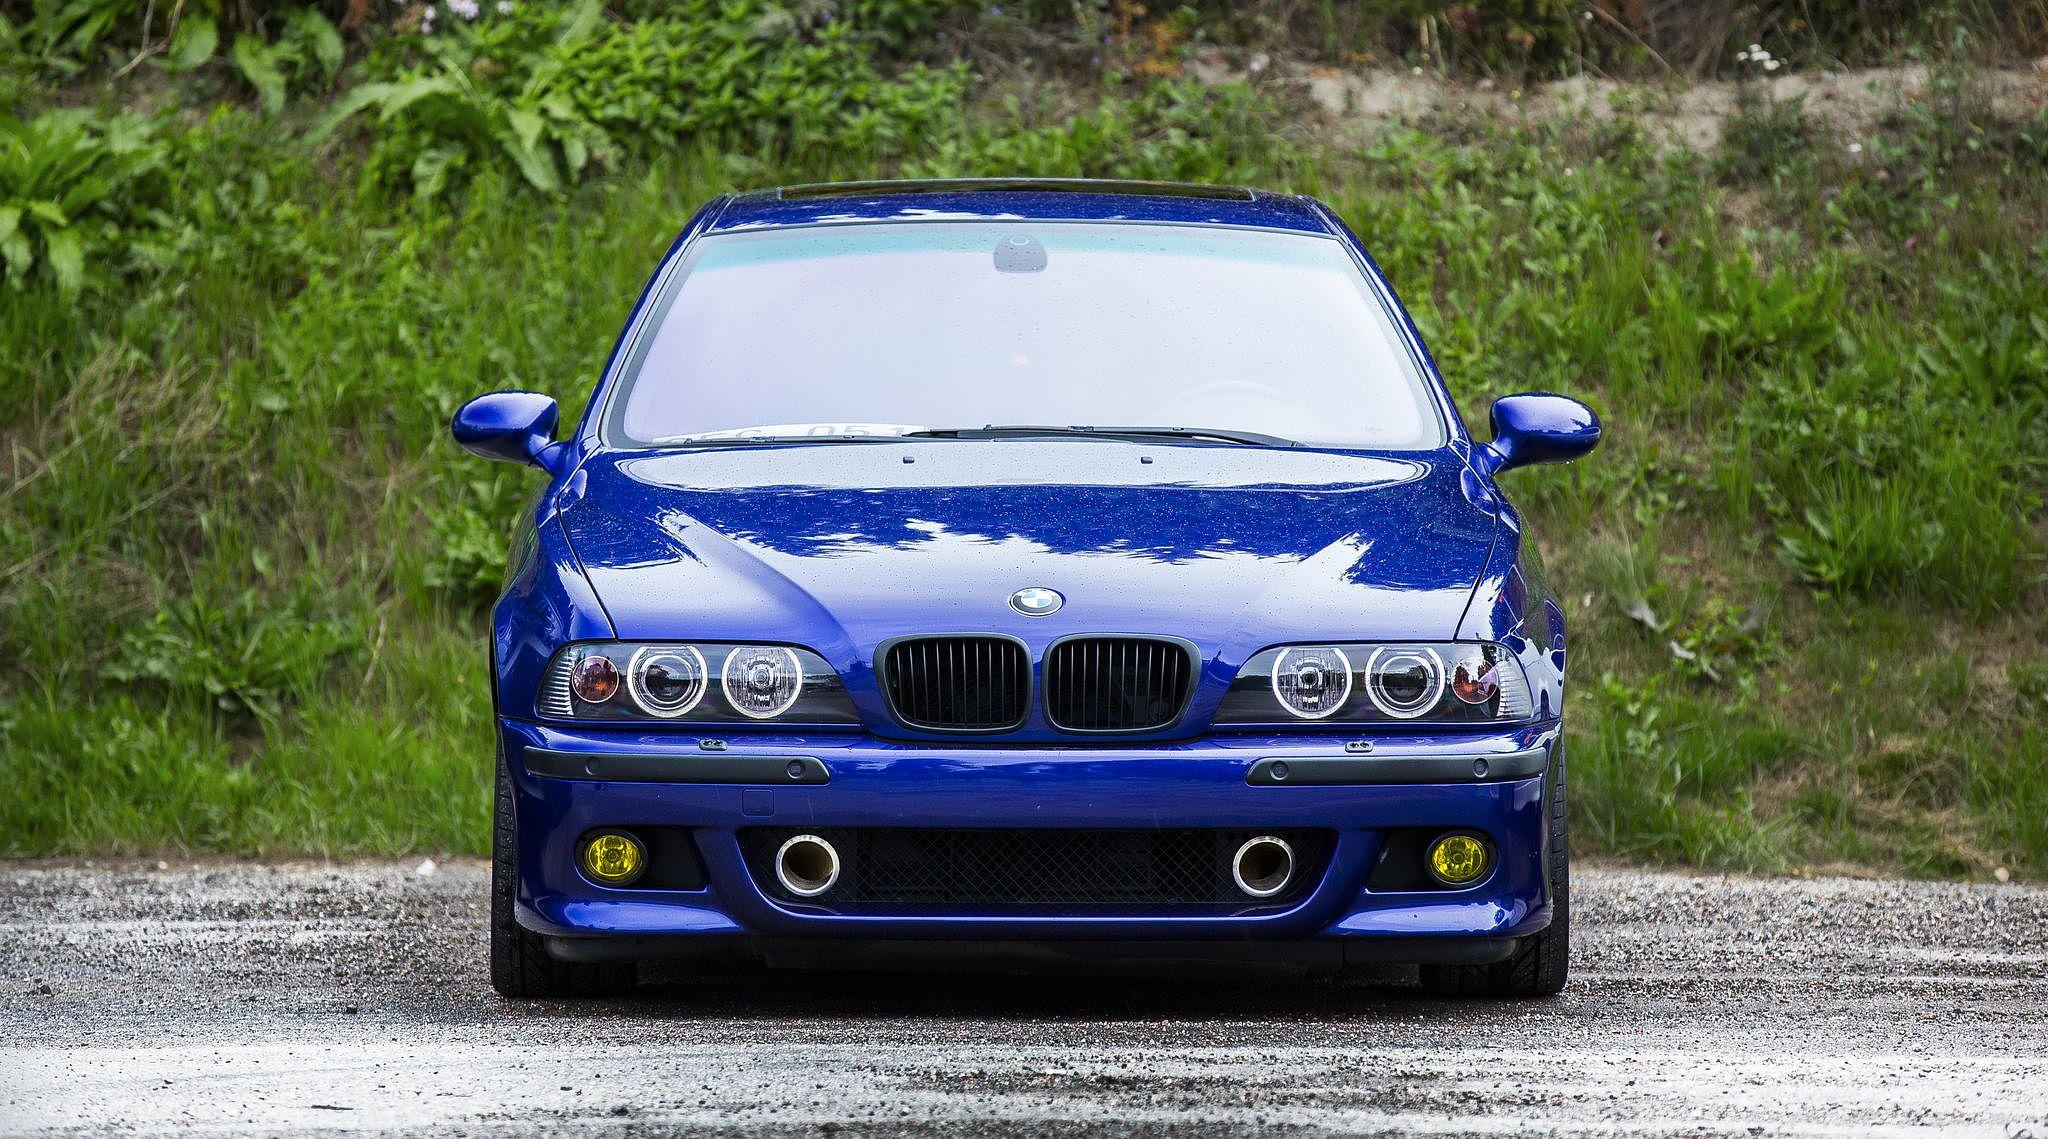 Bmw E39 M5 Bmw Bmw E39 Touring Bmw Alpina